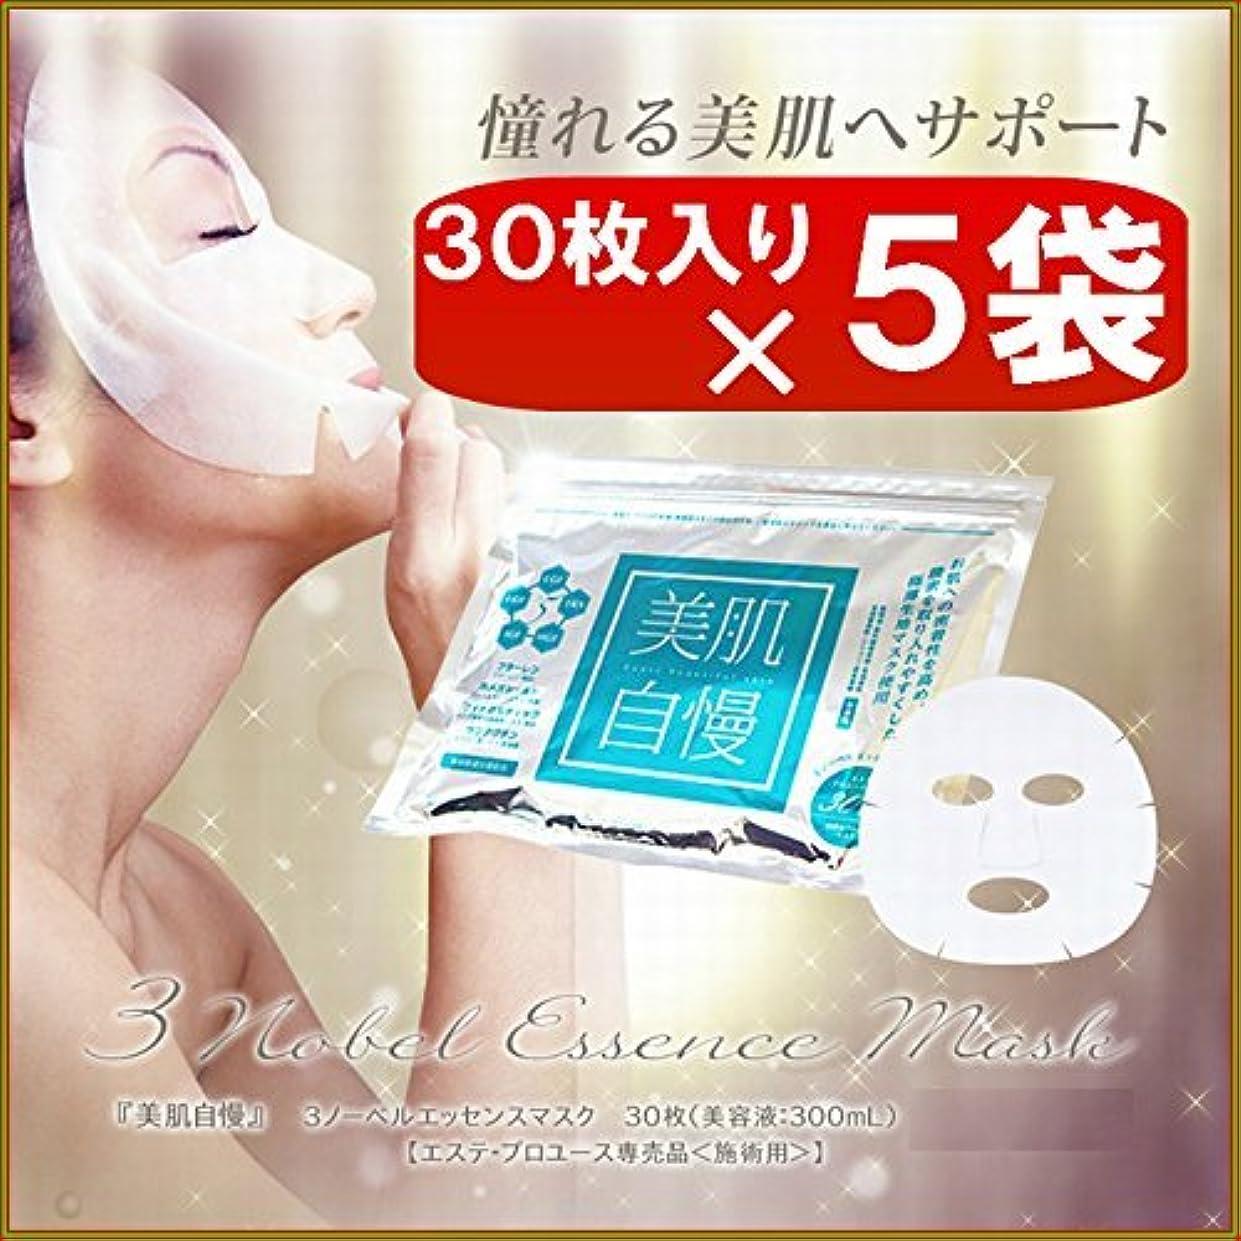 押し下げる落ち着いた誰も美肌自慢フェイスマスク 30枚入り ×超お得5袋セット 《エッセンスマスク、EGF、IGF、ヒアルロン酸、プラセンタ、アルブチン、カタツムリエキス、しみ、しわ》